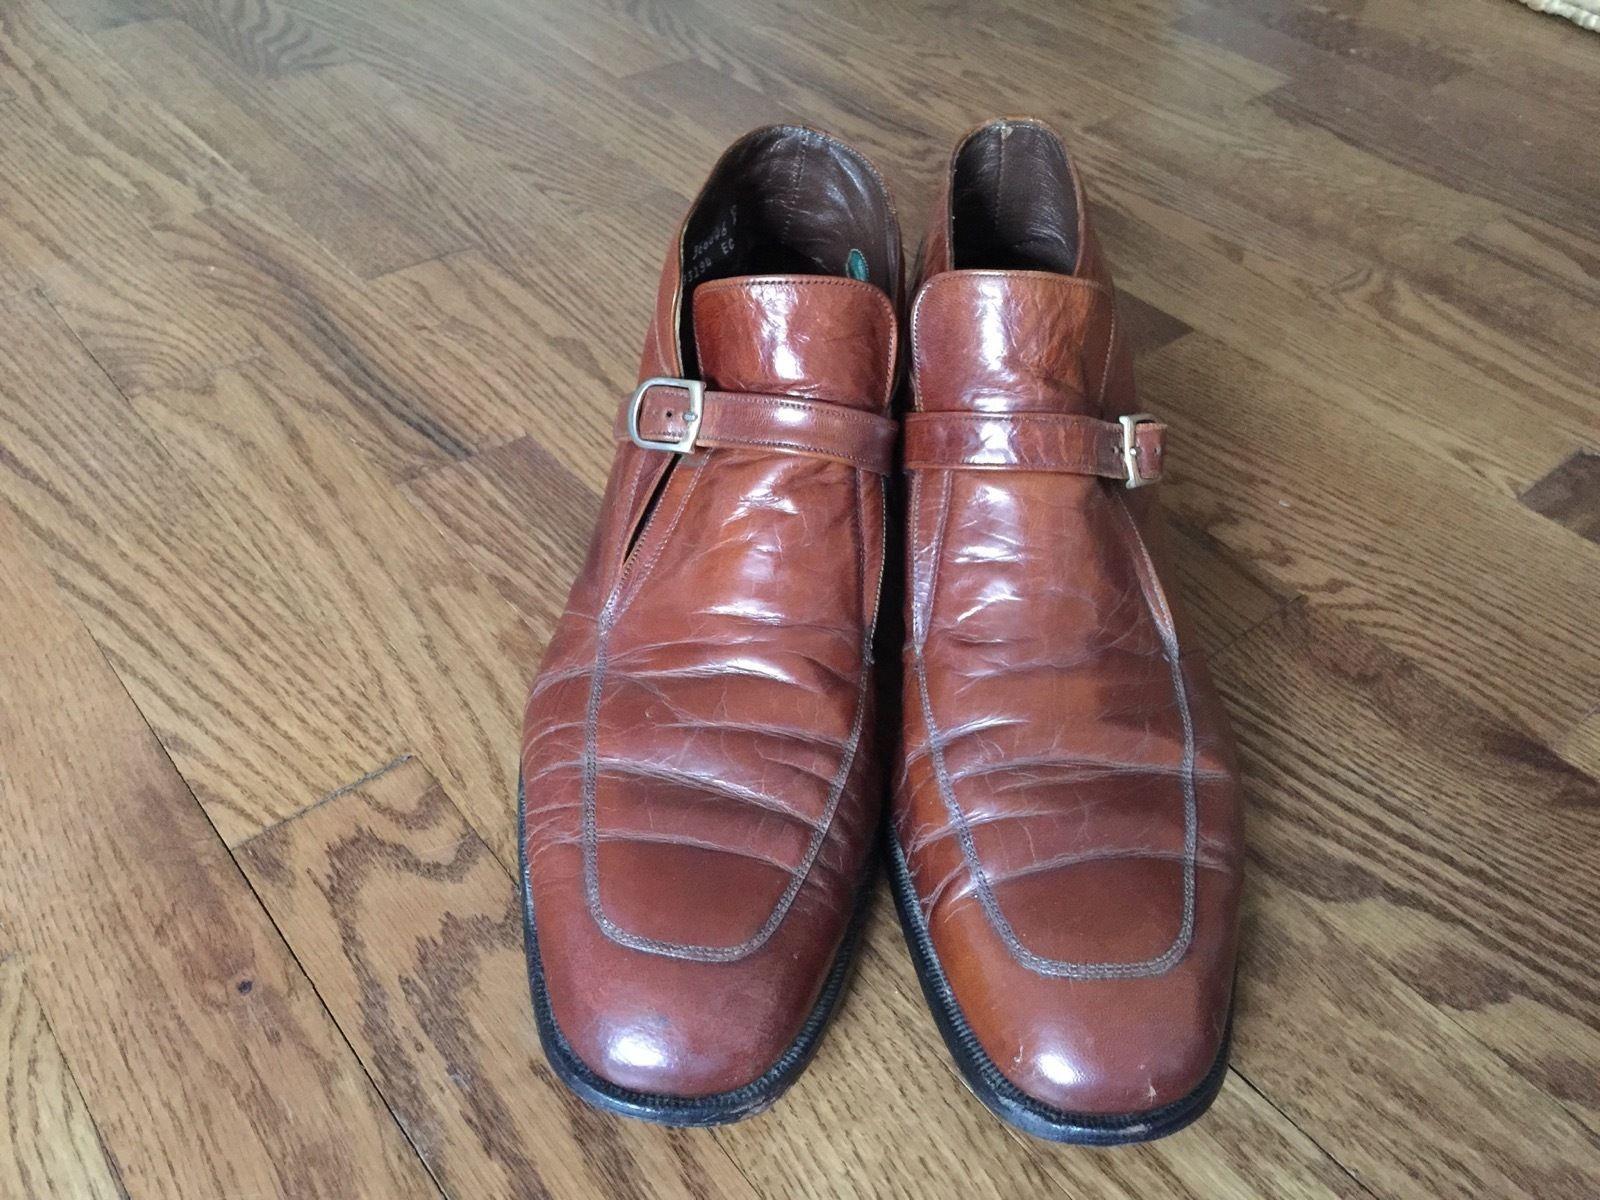 1b5d53580a467 Men's Vintage Florsheim Imperial Beatle and 50 similar items